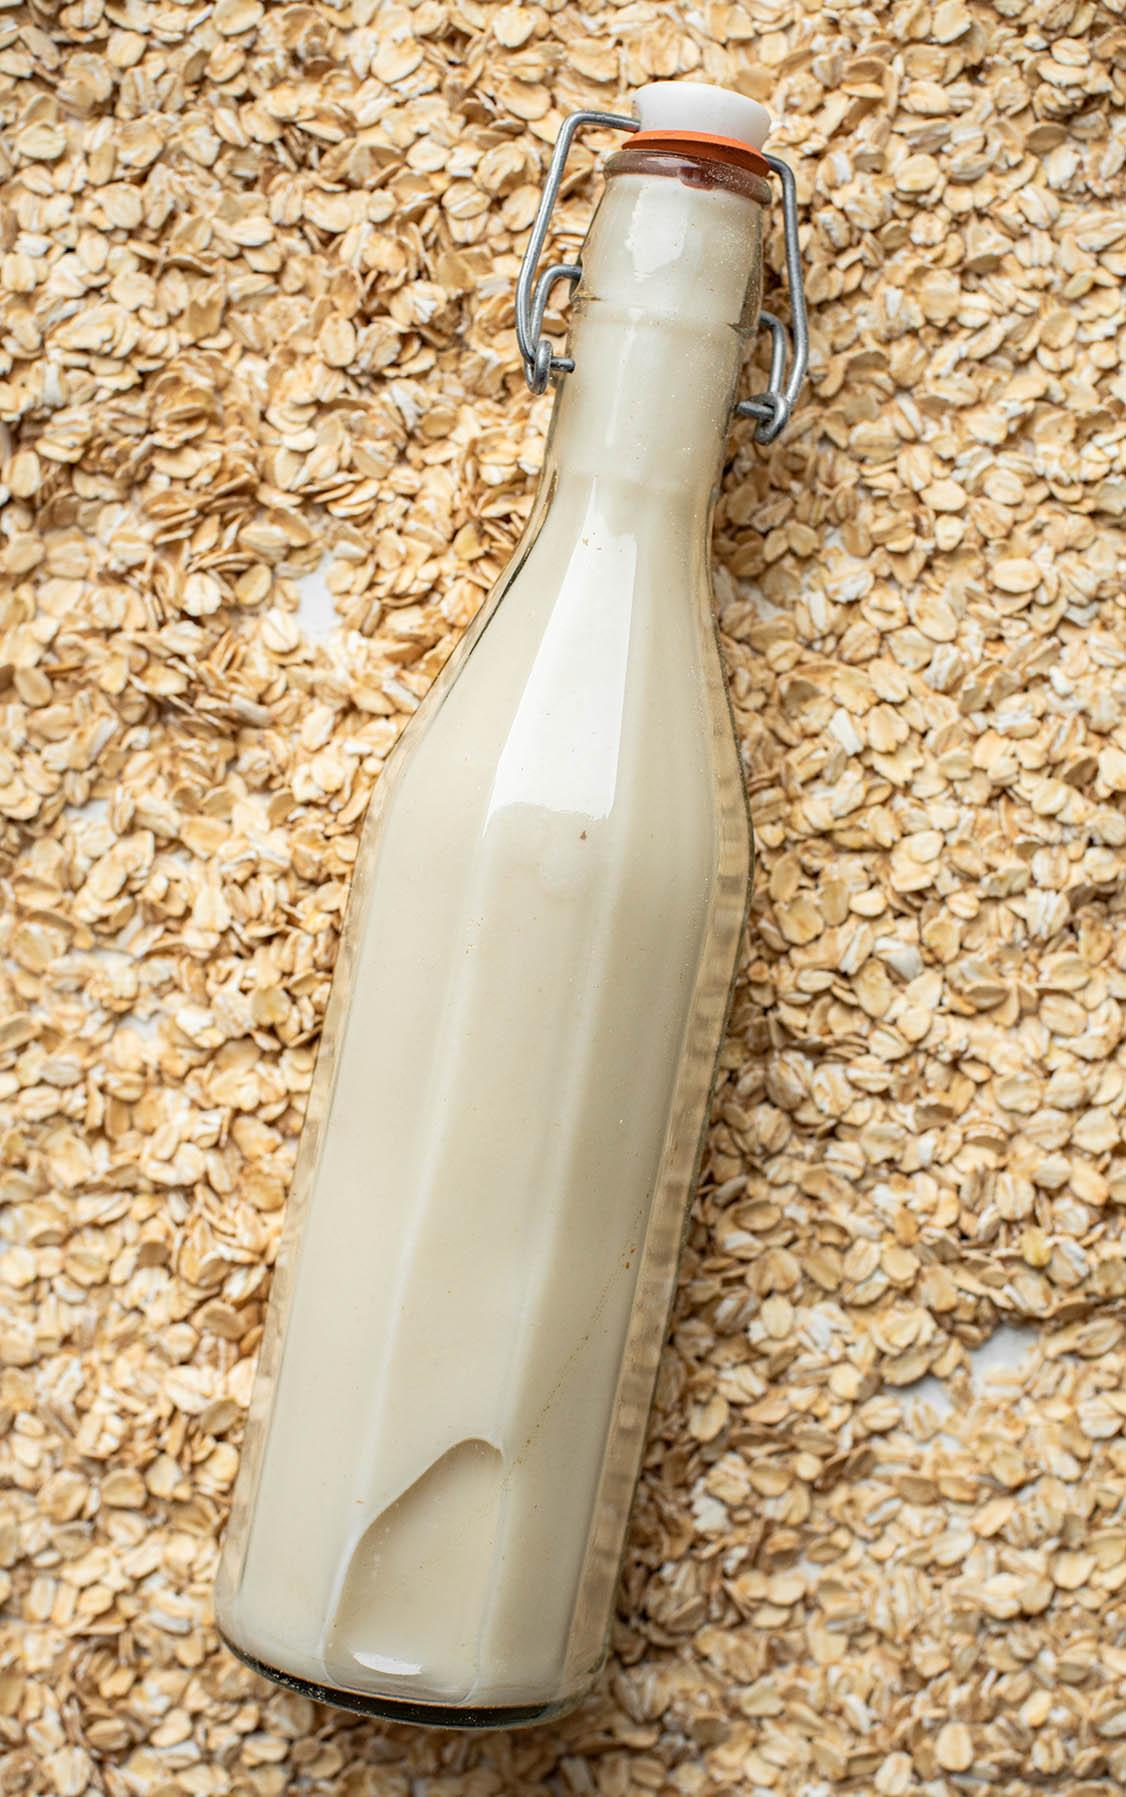 Oat milk in a flip-top glass bottle lying in a pile of oats.